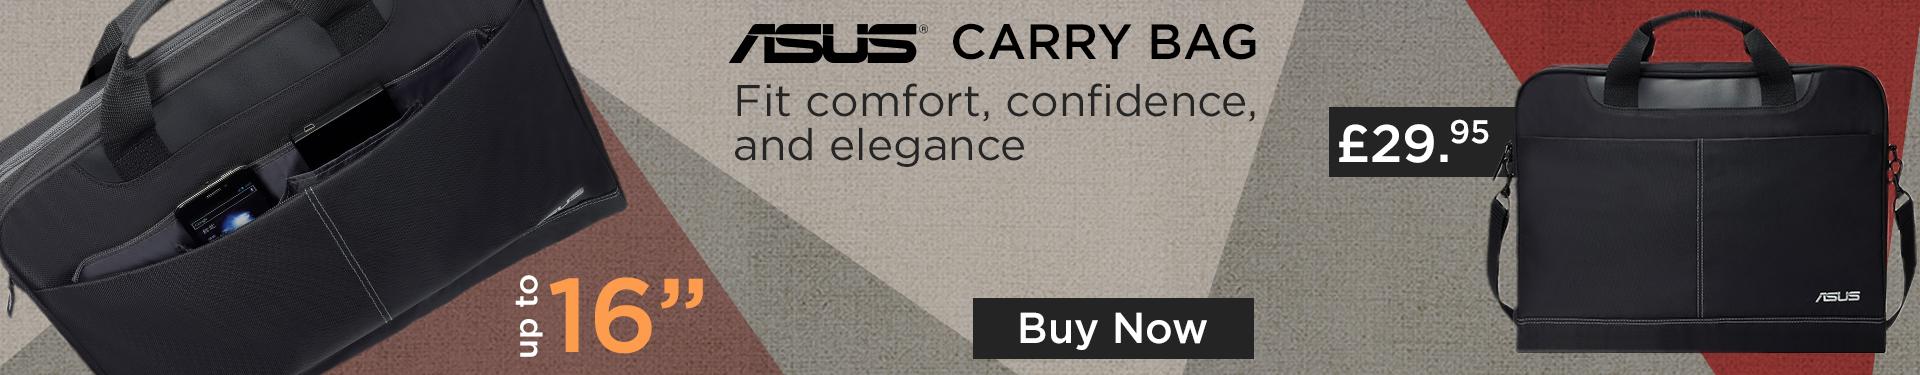 ASUS Carry Bag